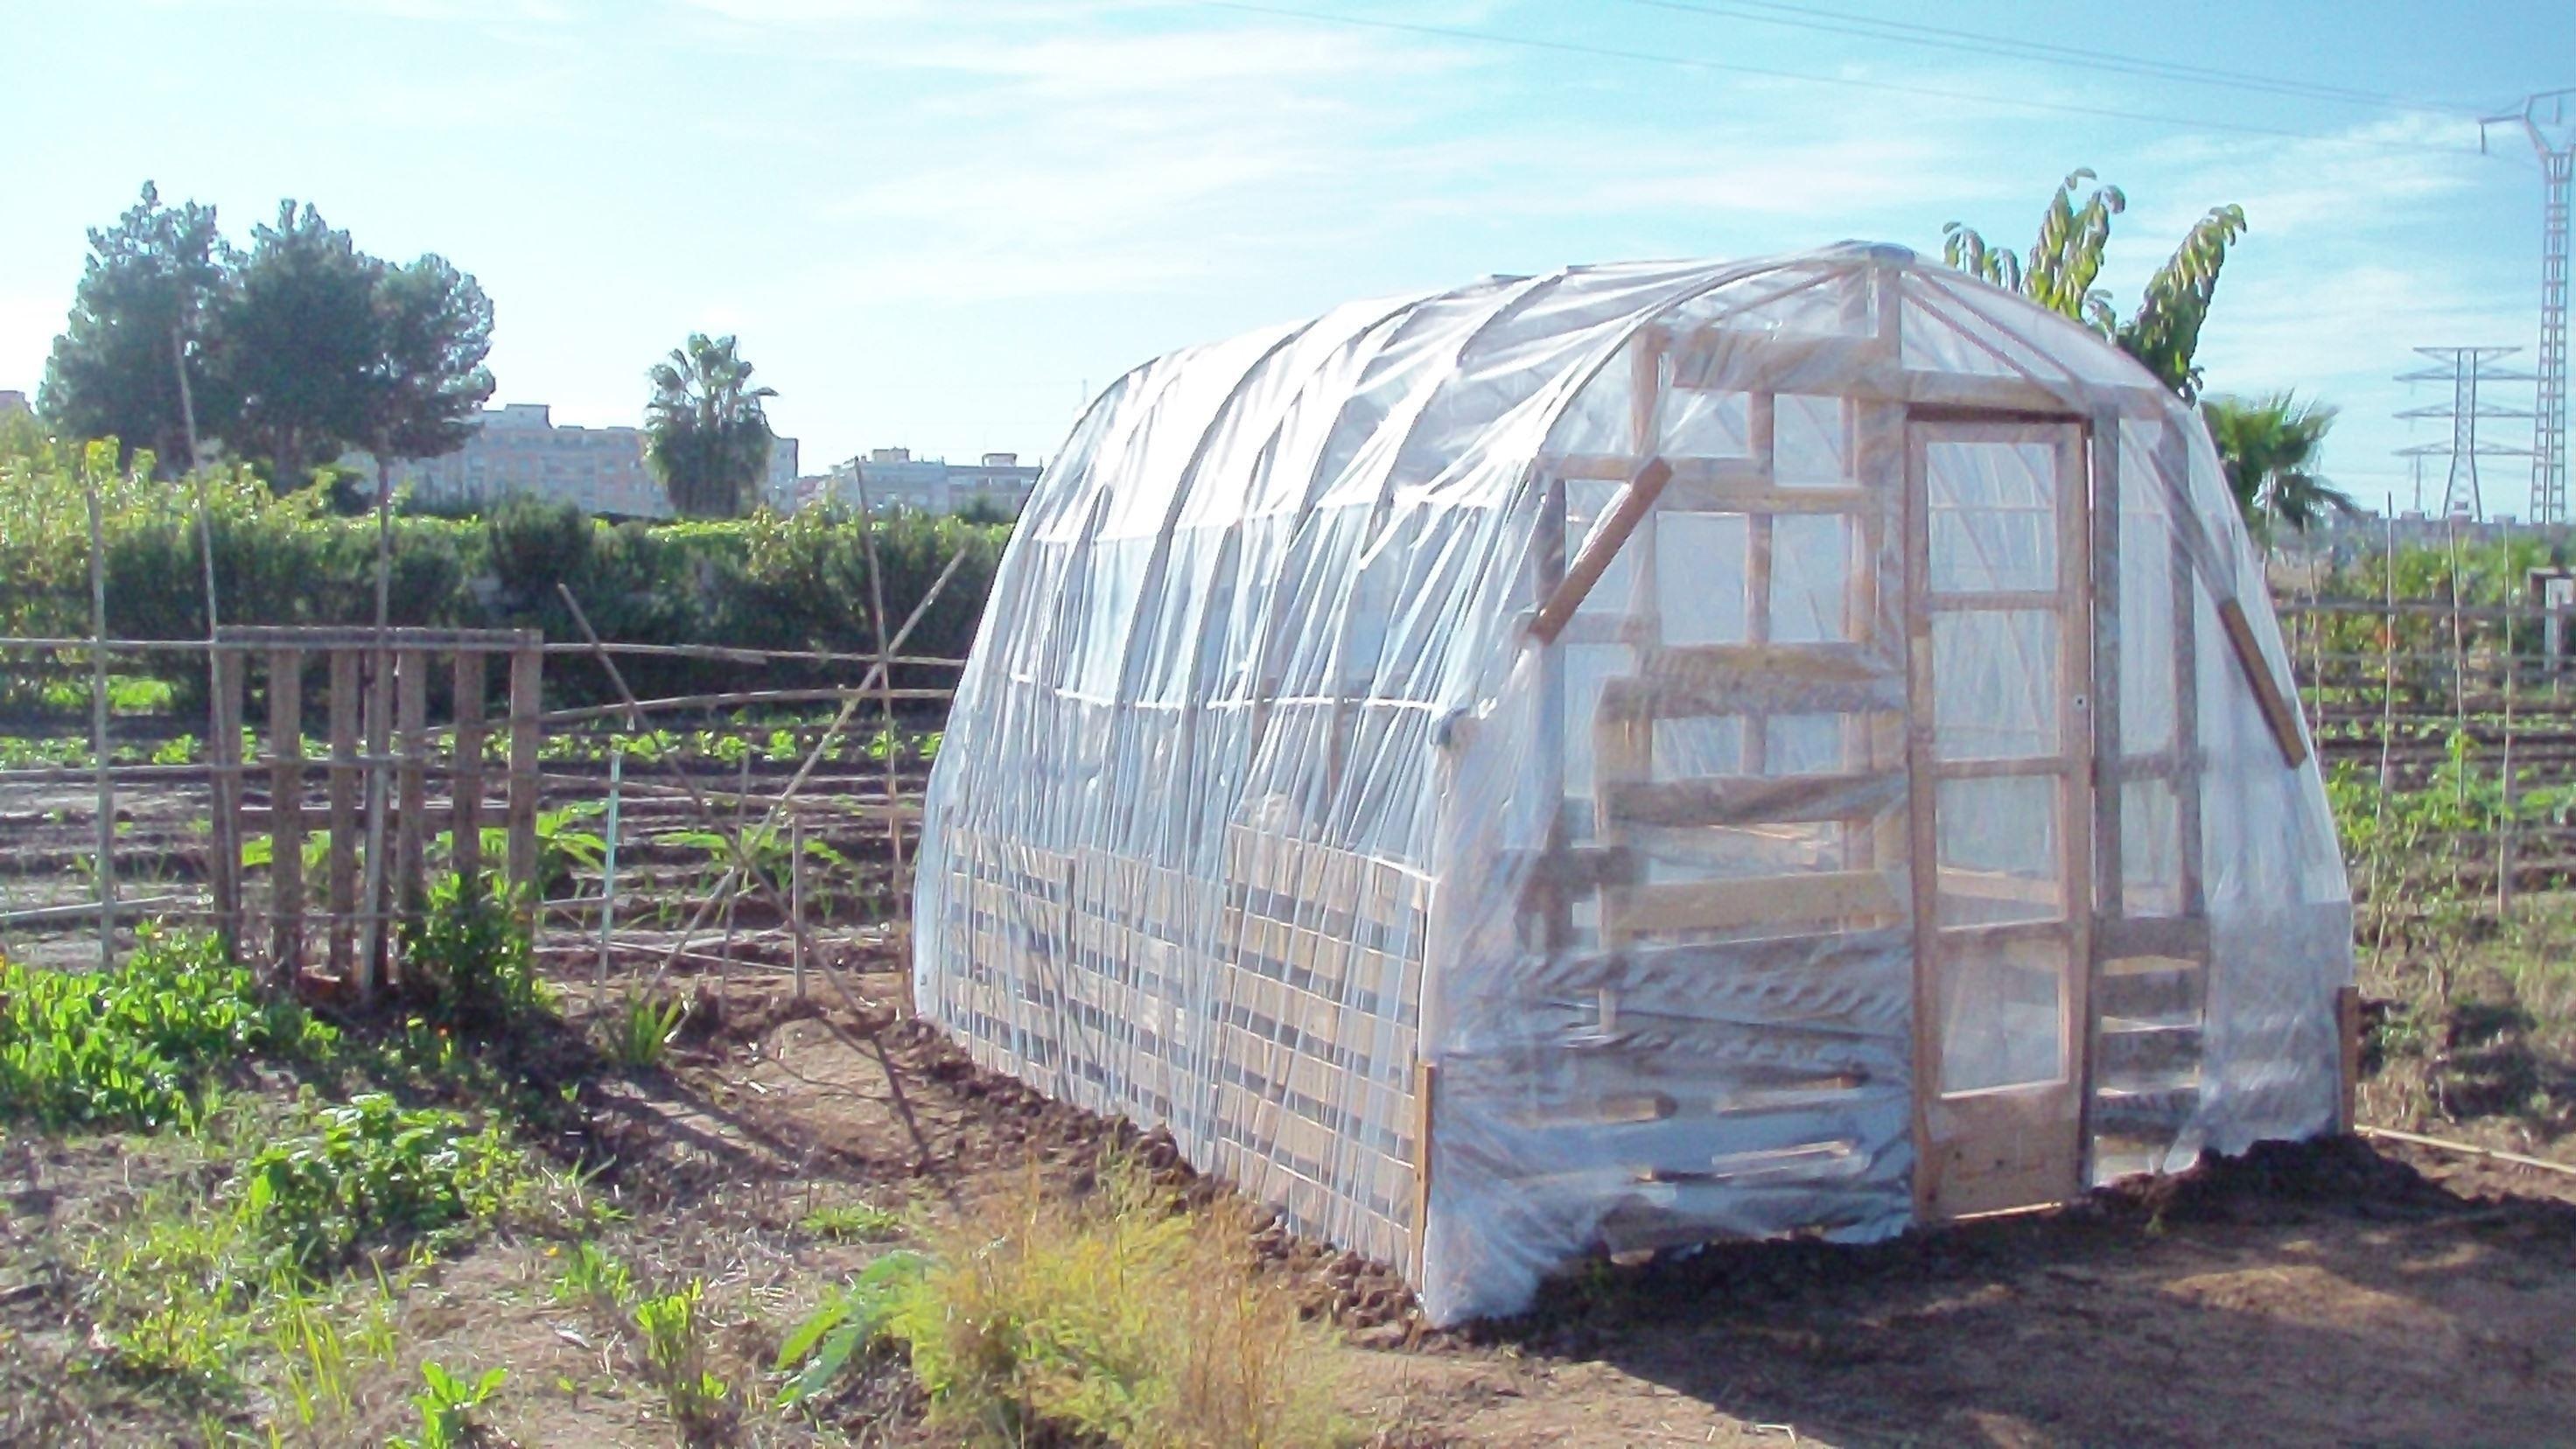 Como Hacer Un Invernadero Casero Por 45 Sencillo Y Reutilizando Materiales Animate Y Construye Tu Propio Invernadero Ecologic Greenhouse Outdoor Outdoor Gear